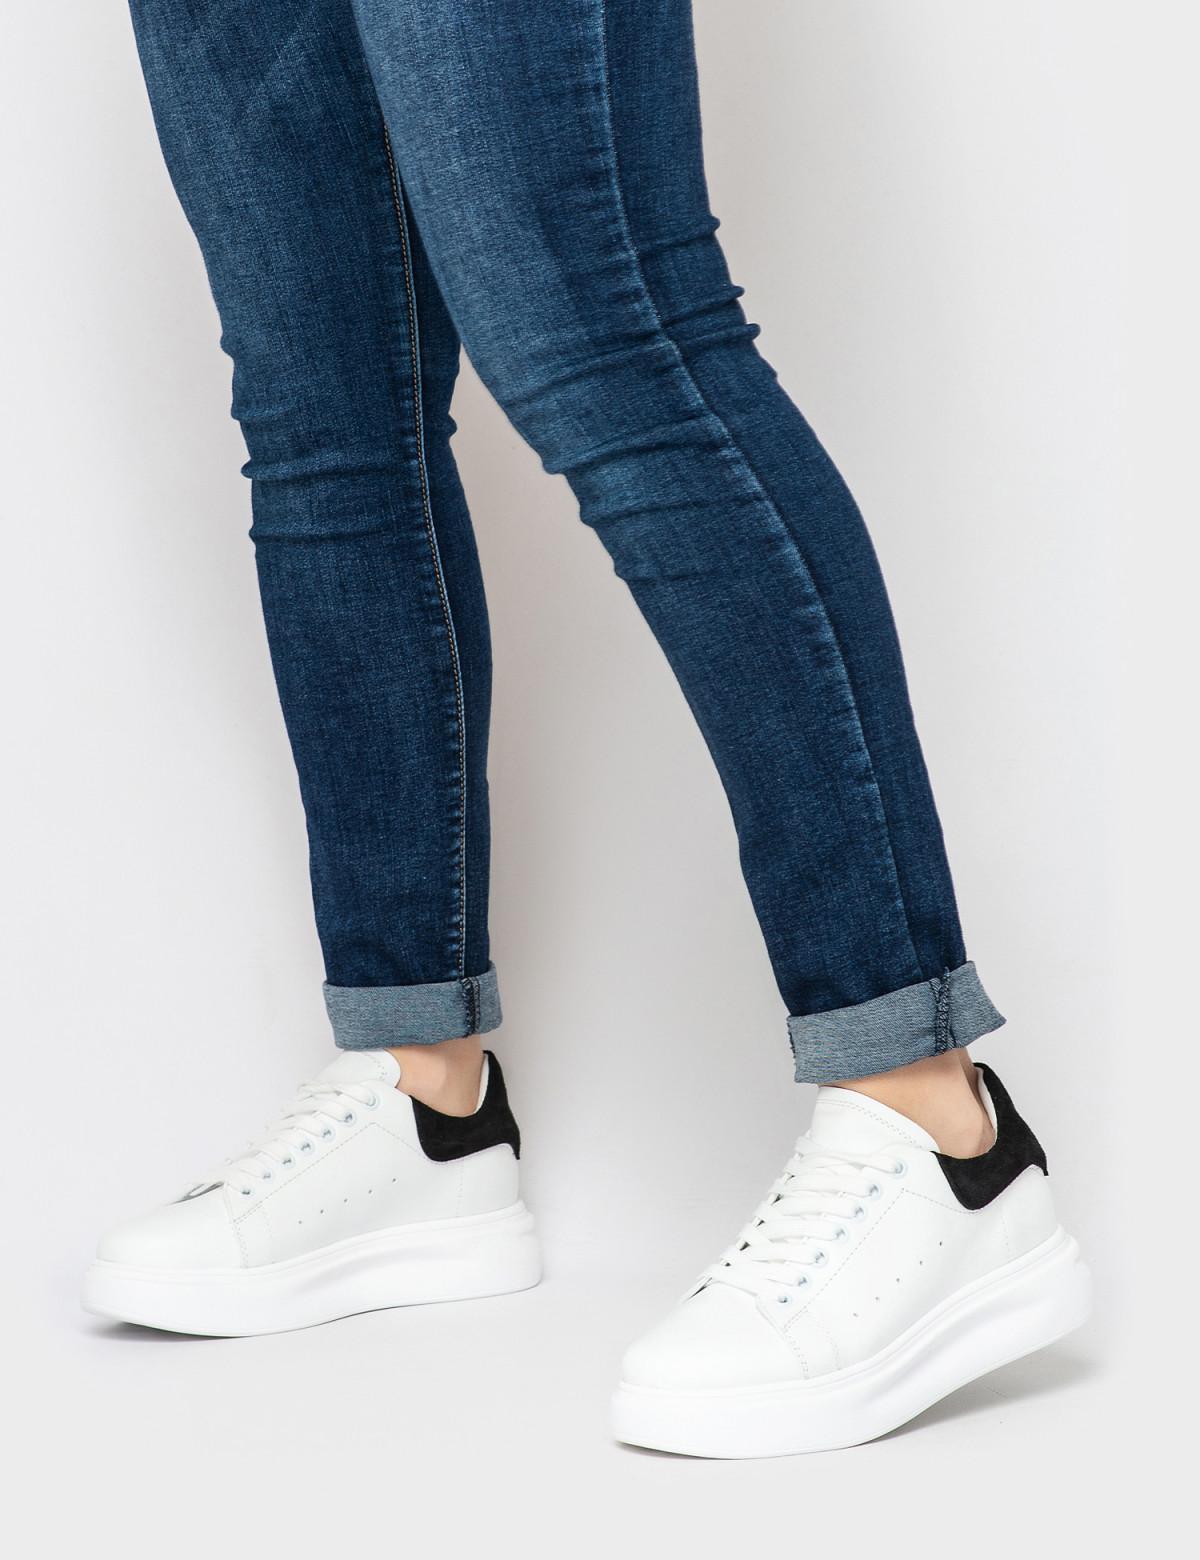 Кросівки білі/чорні. Натуральна шкіра4